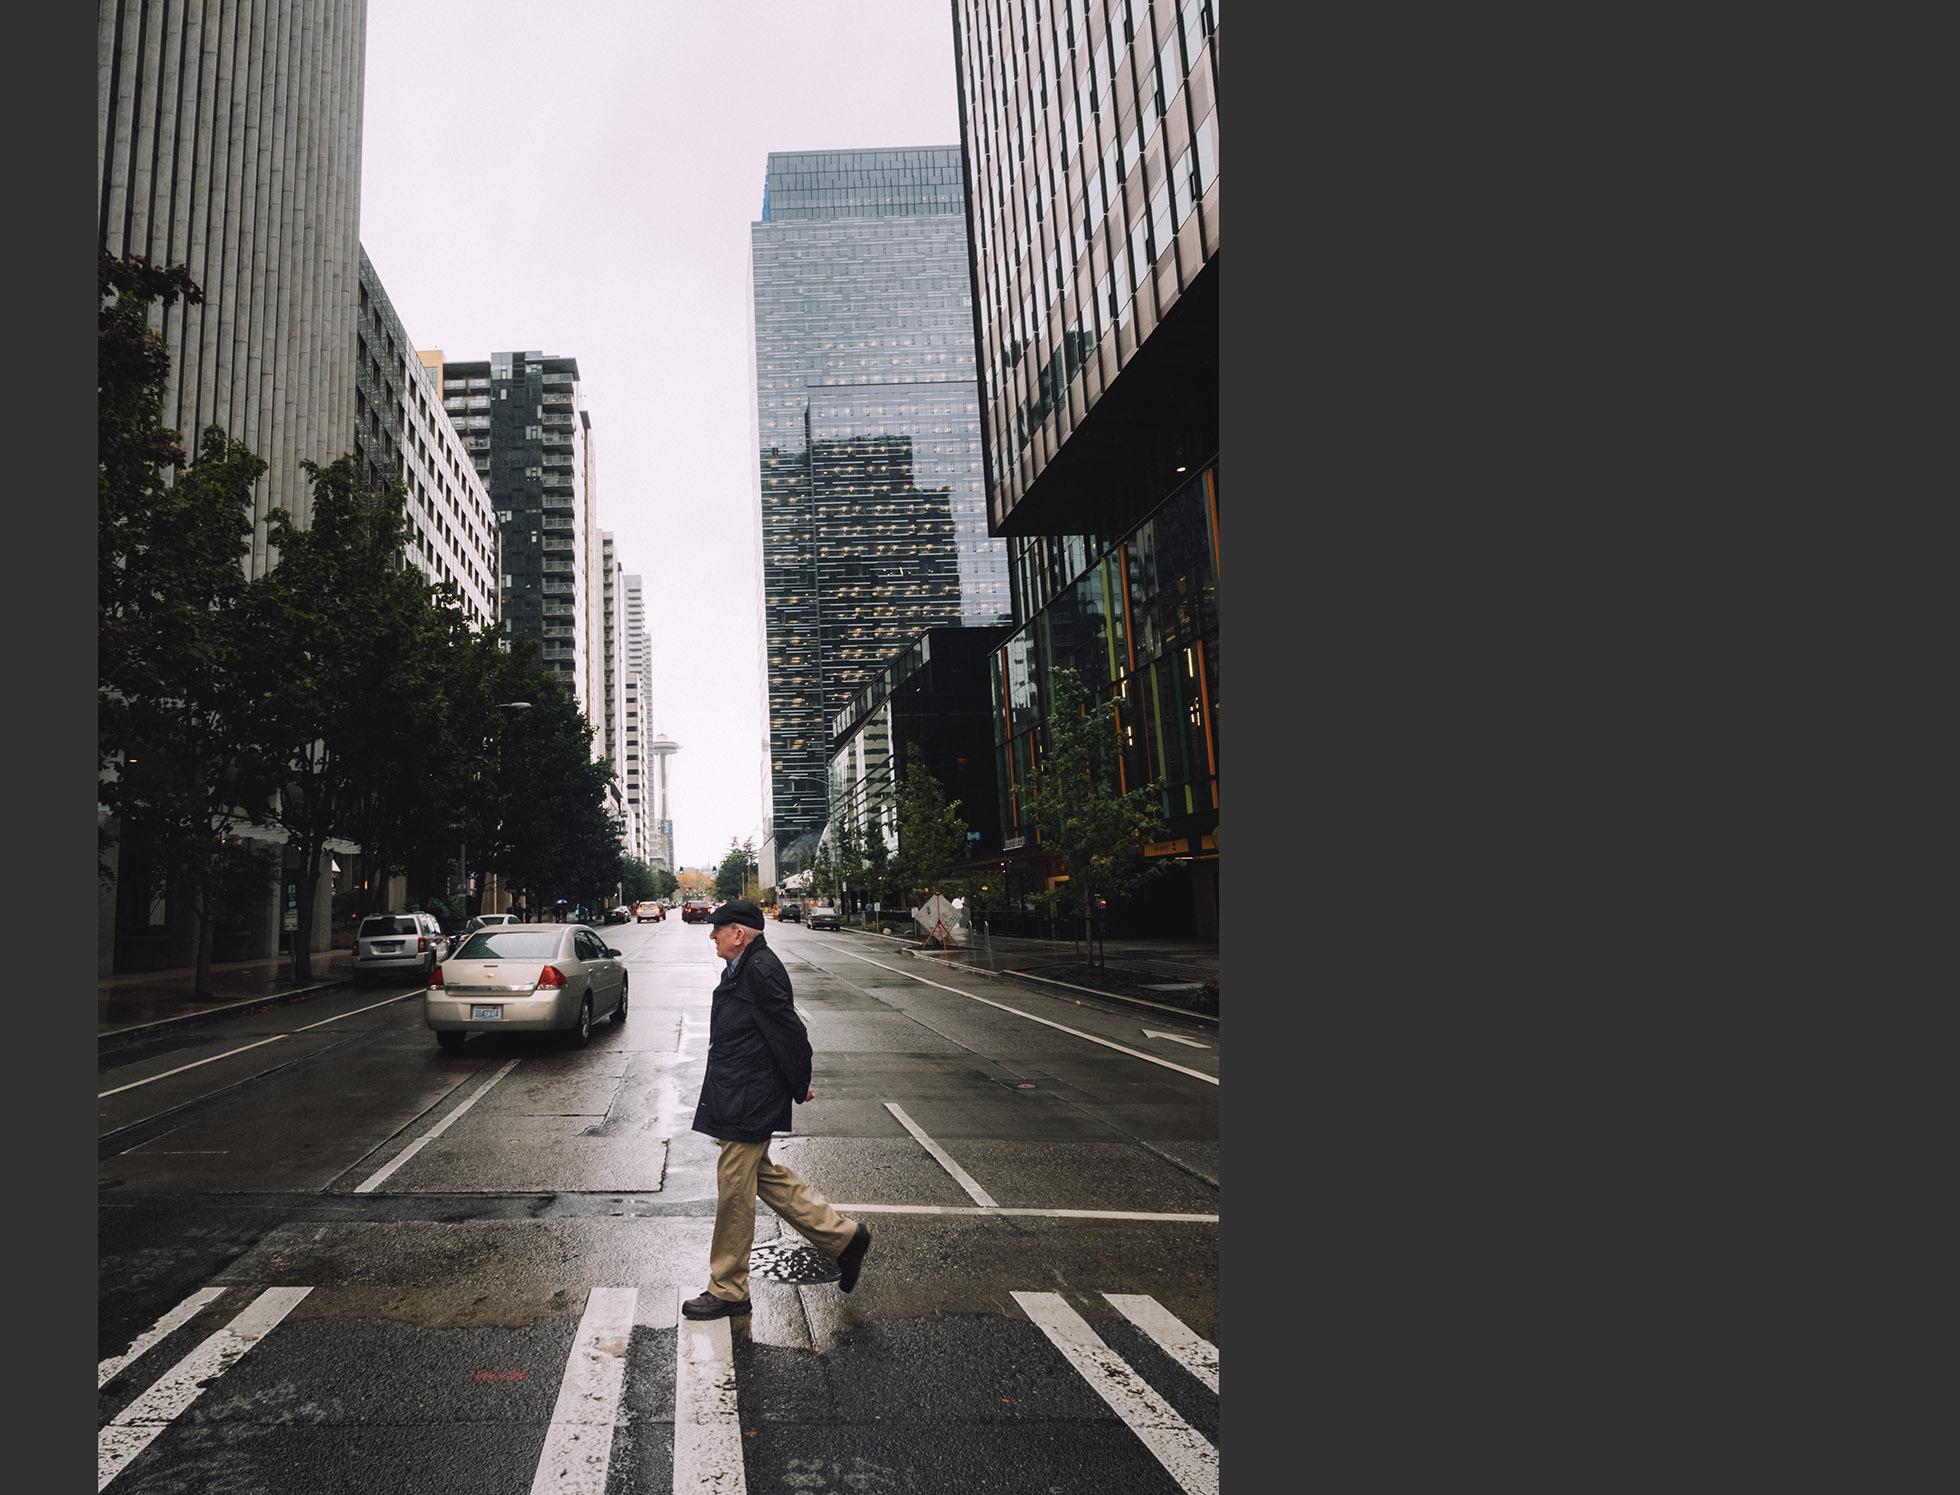 038_man_crosswalk_Seattle_1960.jpg